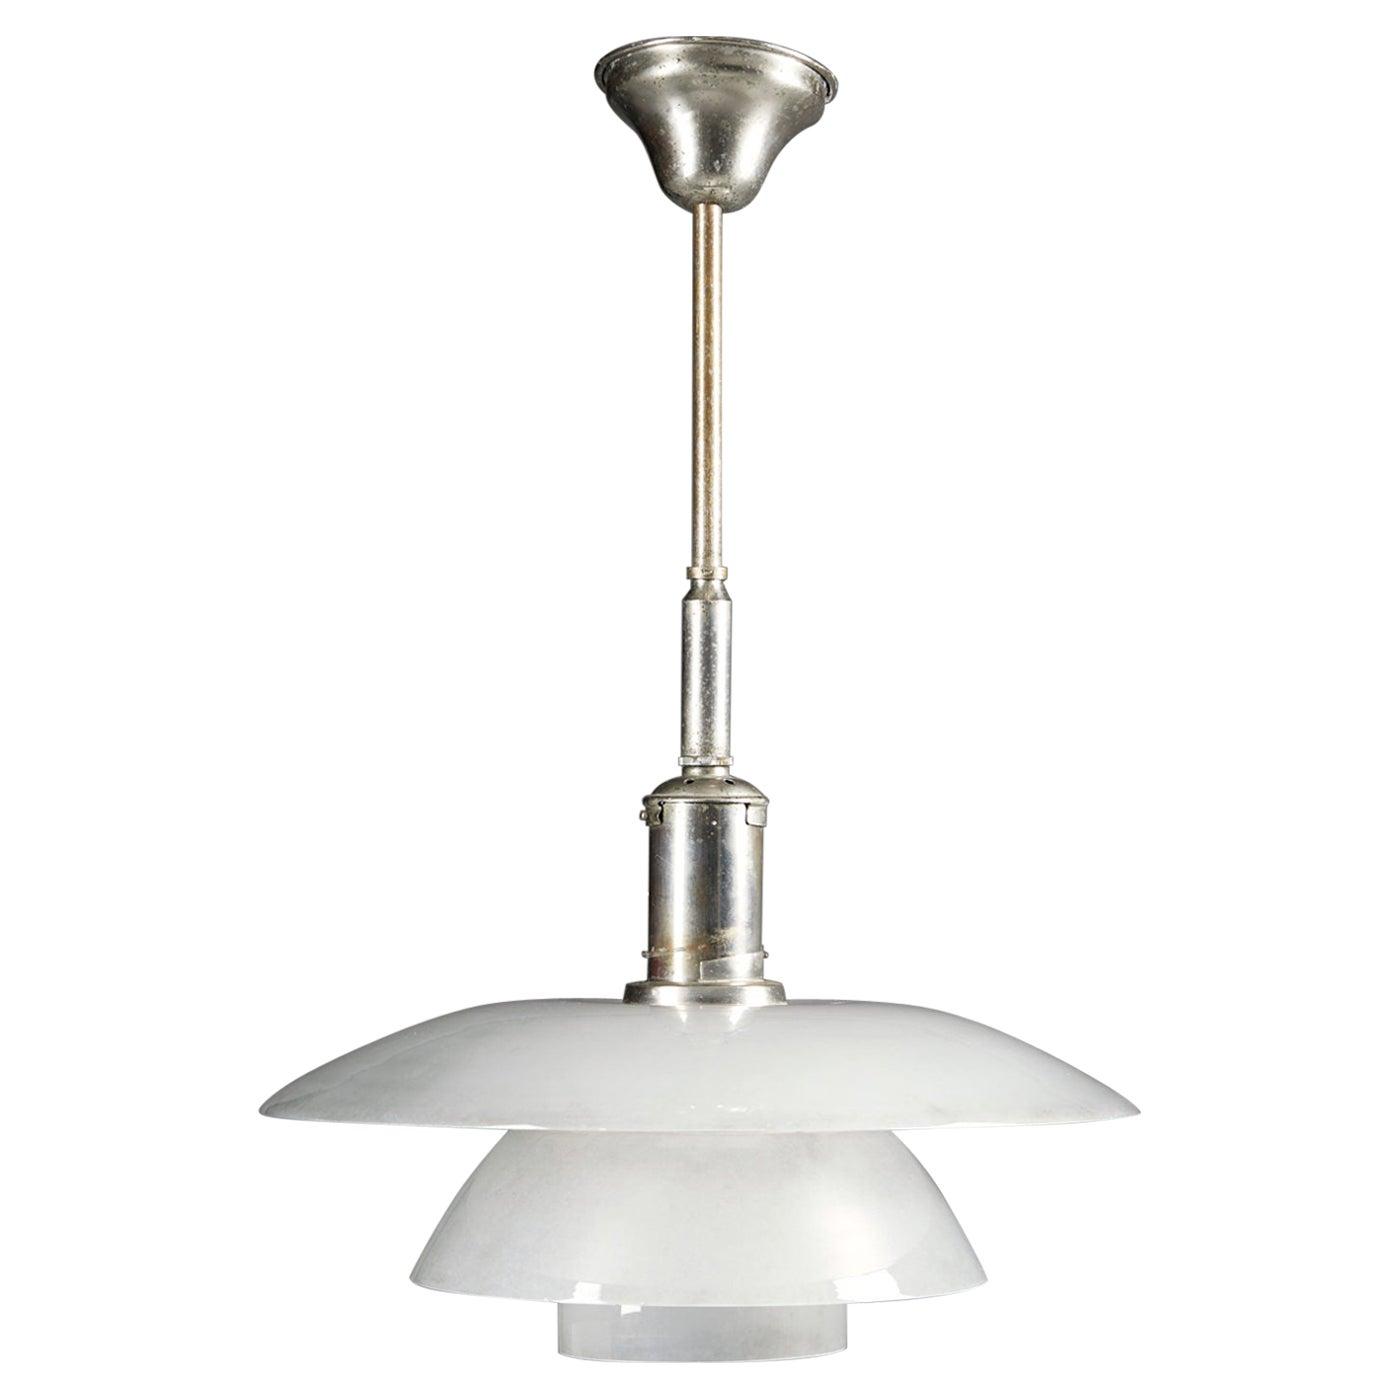 Ceiling Lamp PH 4/4 Designed by Poul Henningsen for Louis Poulsen, Denmark, 1930